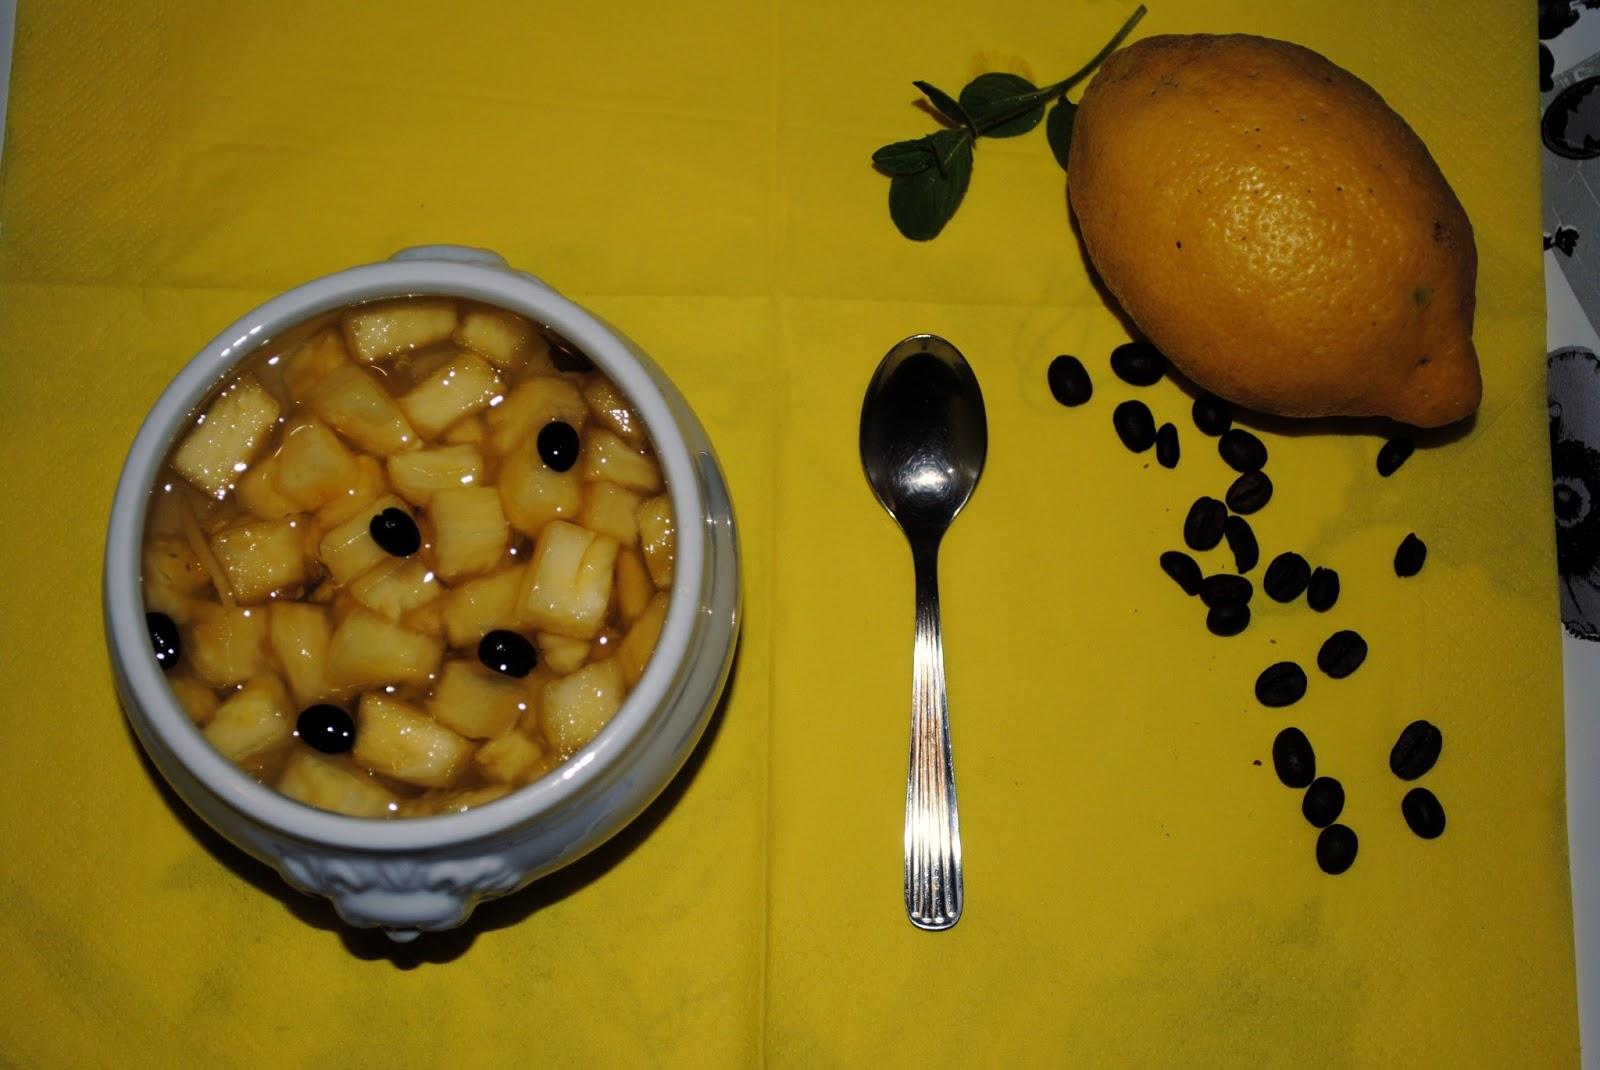 In cucina con gusto zuppetta d 39 ananas - Prevenire in cucina mangiando con gusto ...